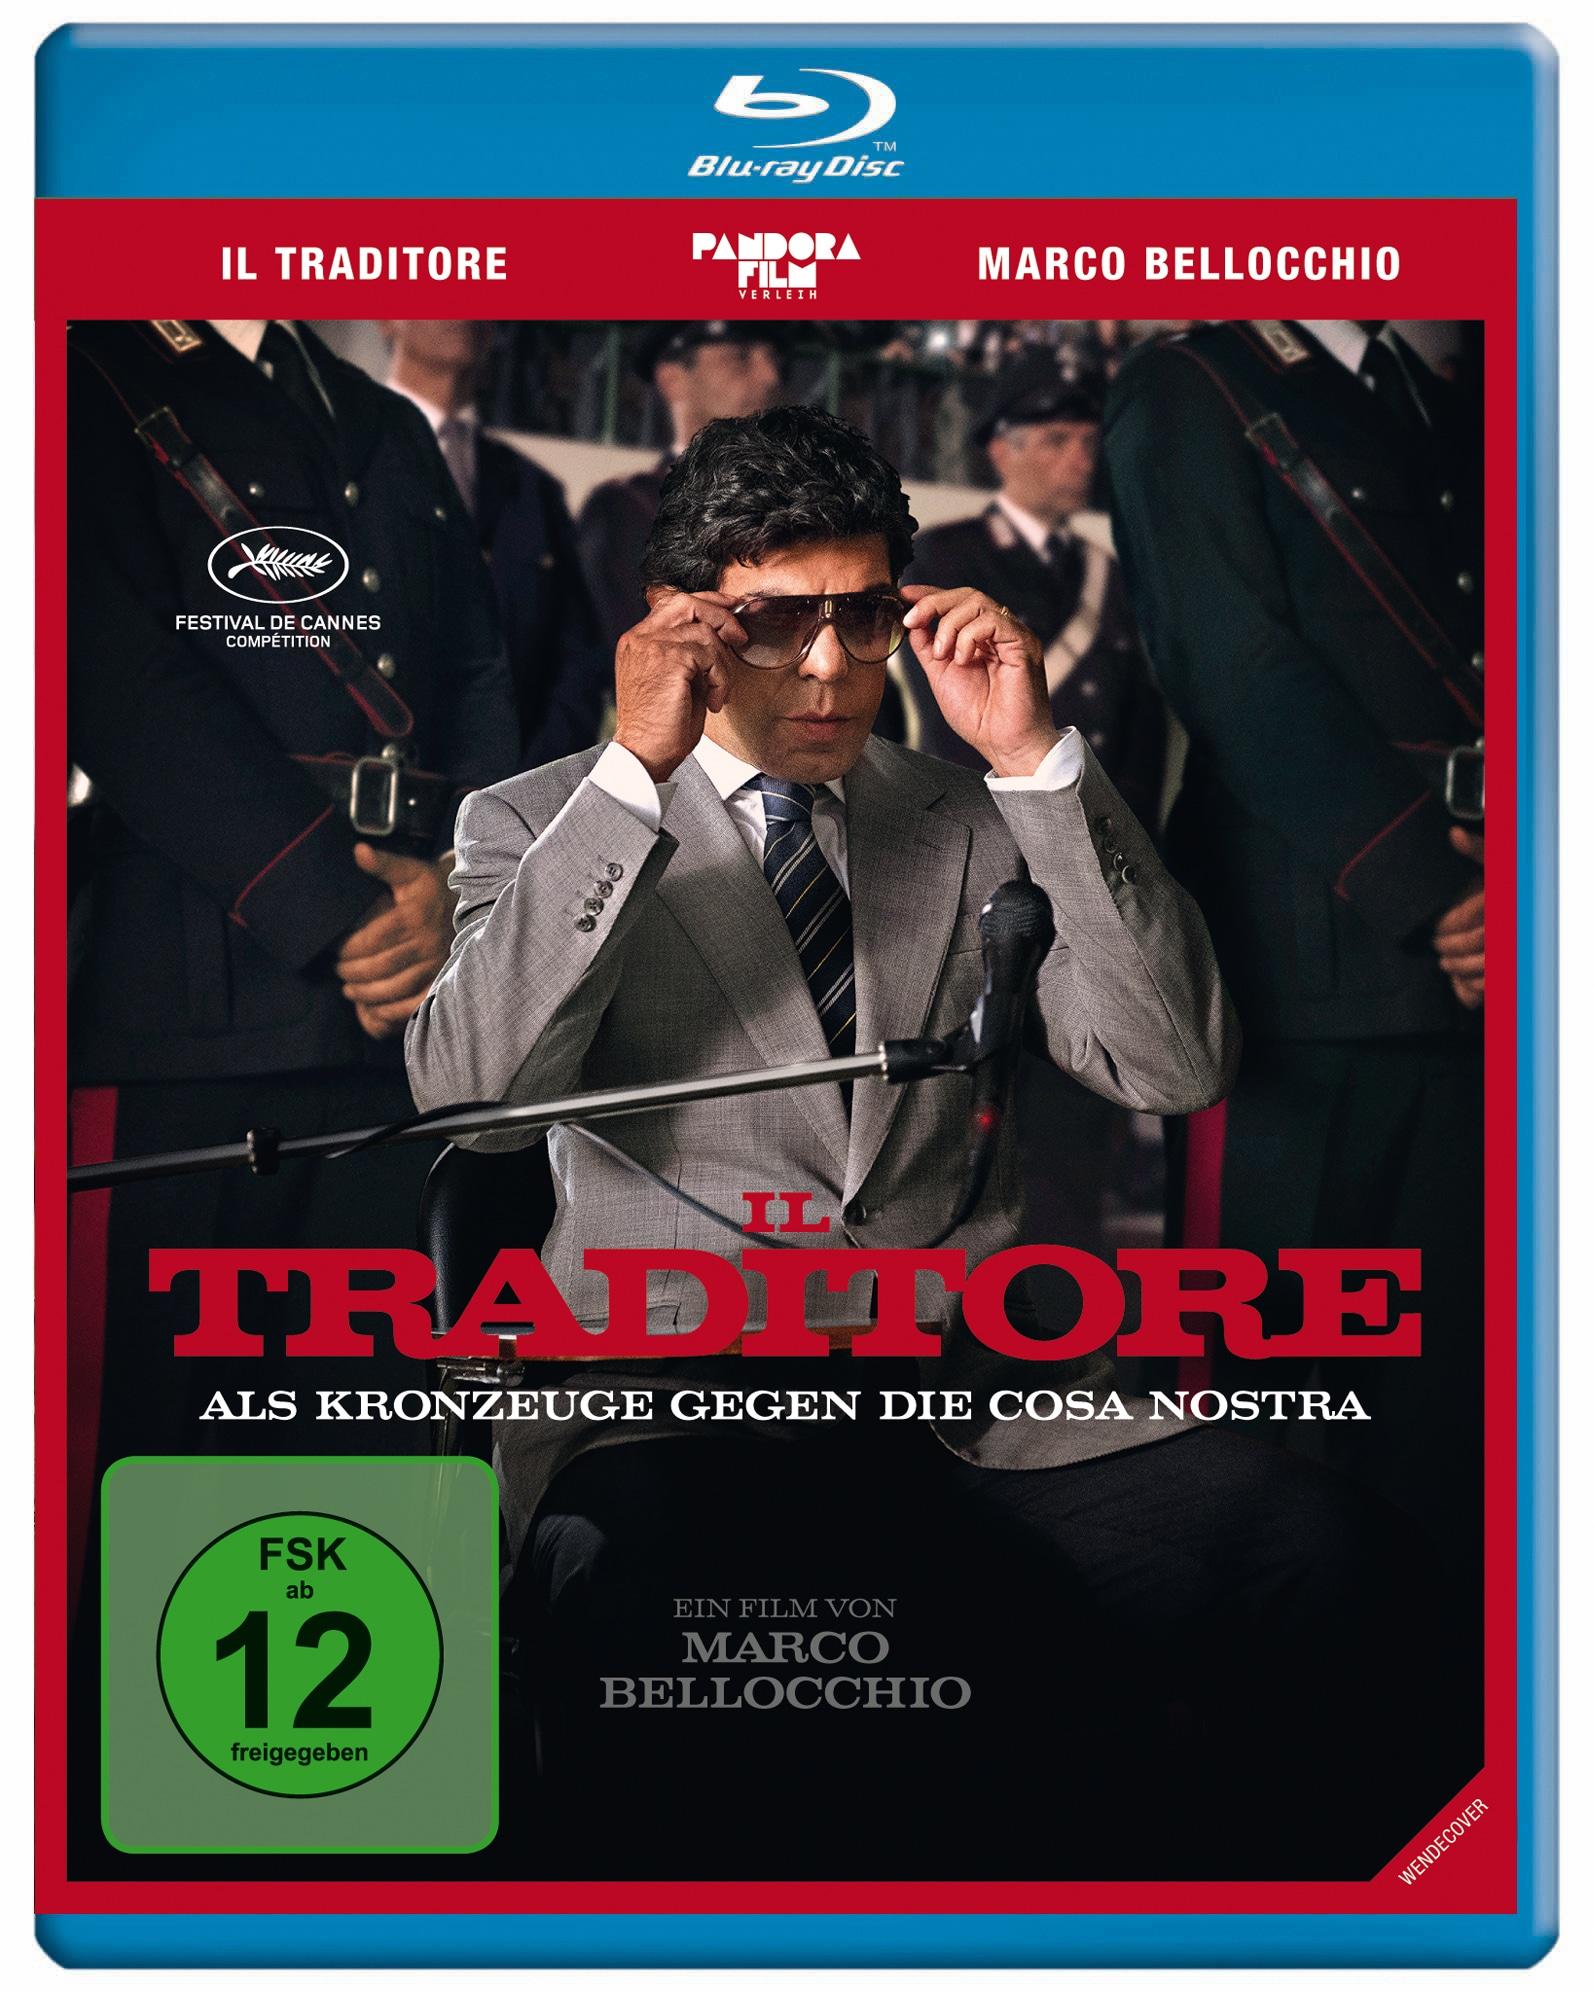 Das Cover der Blu-ray zu Il Traditore - Als Kronzeuge gegen die Cosa Nostra zeigt Hauptfigur Tommaso Buscetta im Anzug vor Gericht - und mit Sonnenbrille.